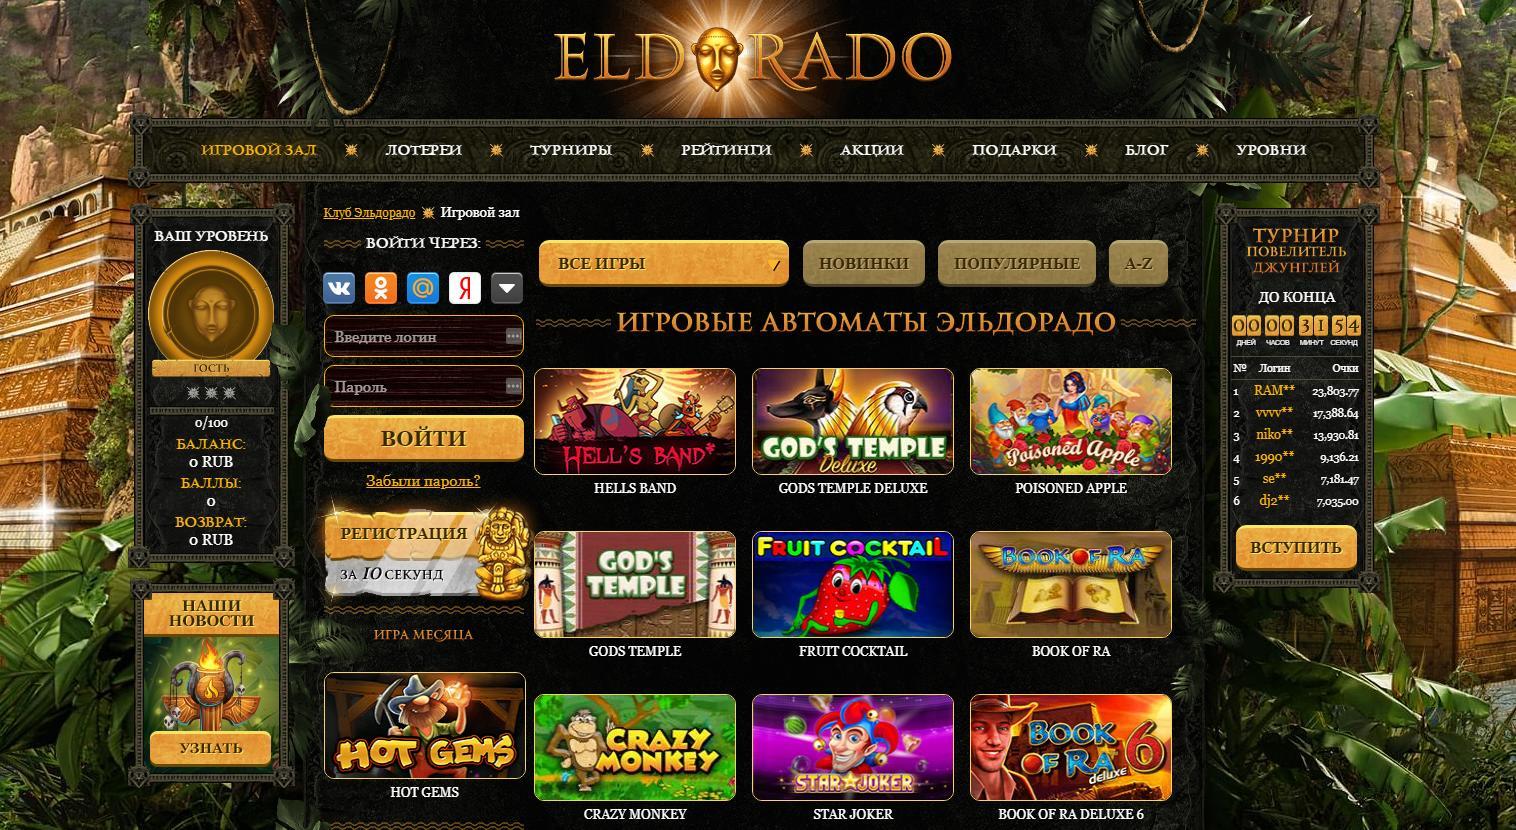 Лучшие слоты и крупные призы в казино Эльдорадо